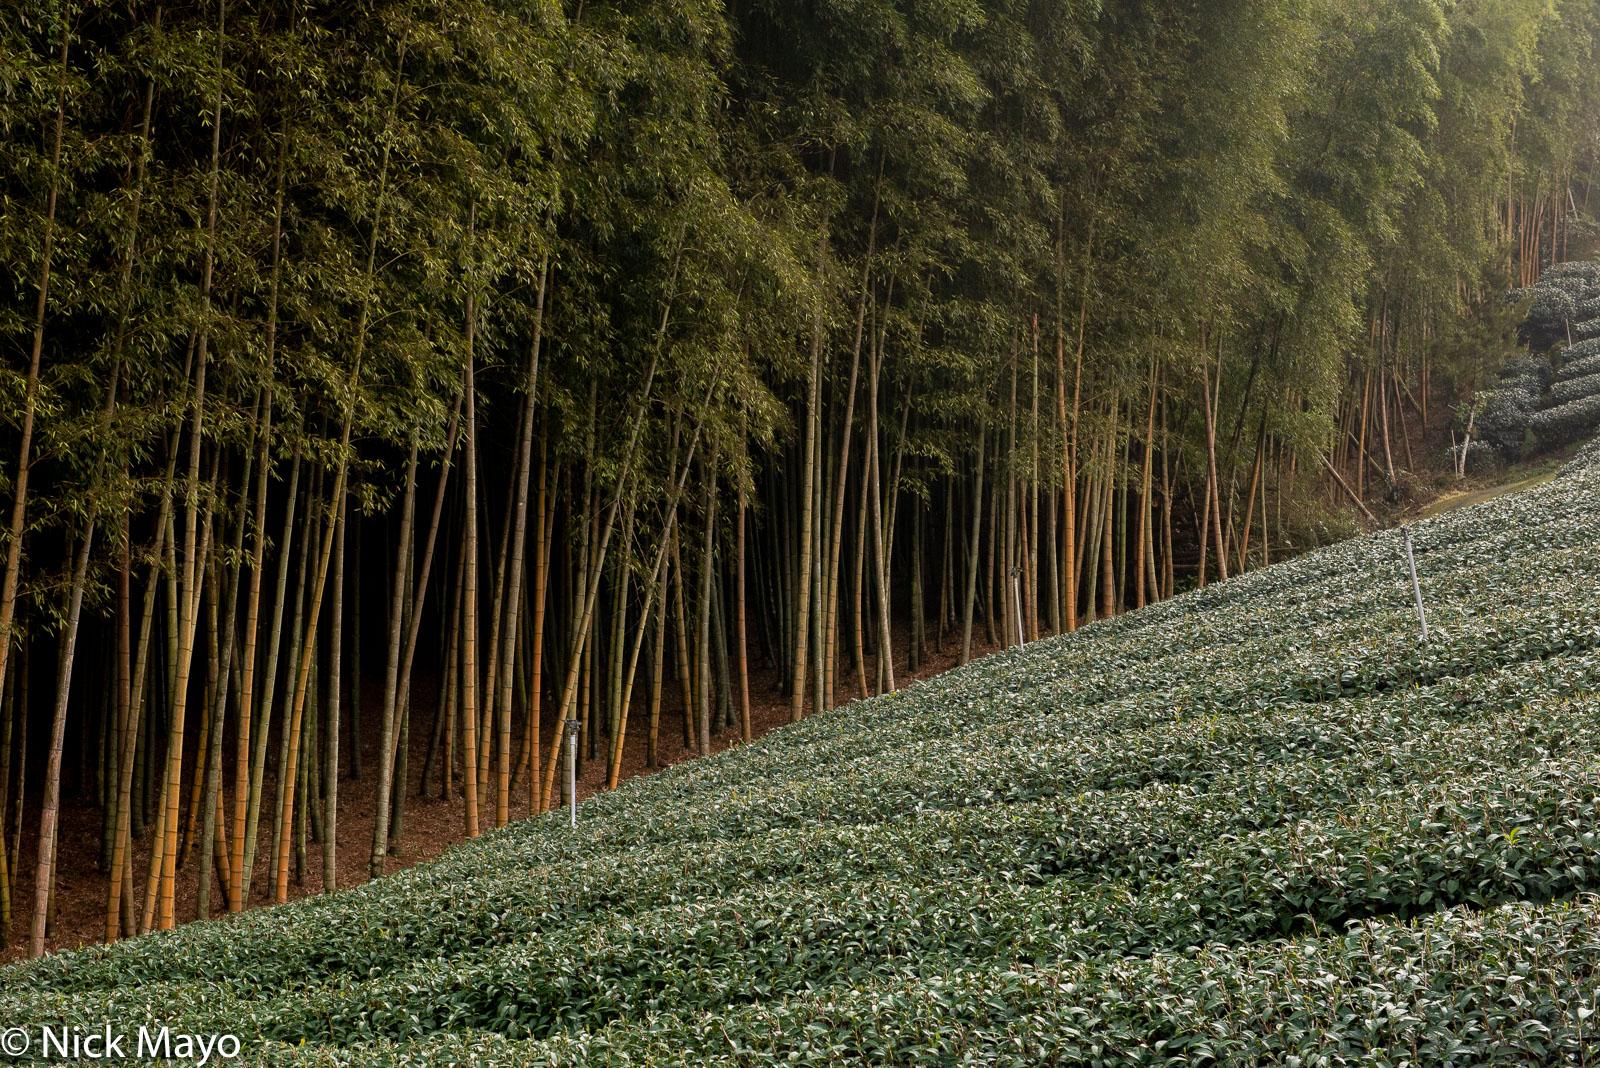 A tea field and bamboo at Pan Zai Tian in Yunlin County.